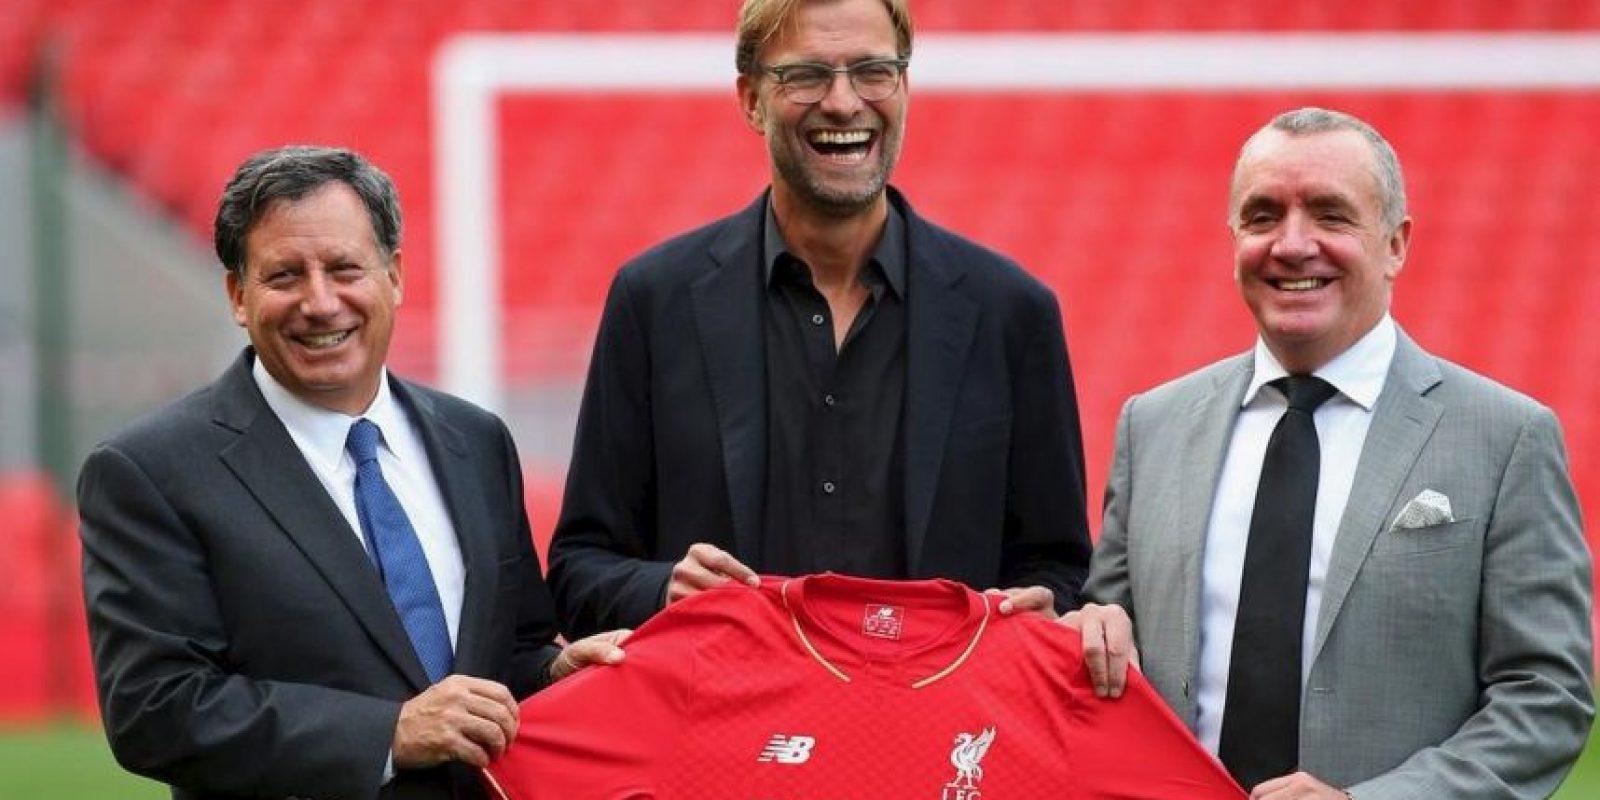 Finalmente, el alemán Jürgen Klopp fue nombrado técnico del Liverpool. Foto:twitter.com/LFC